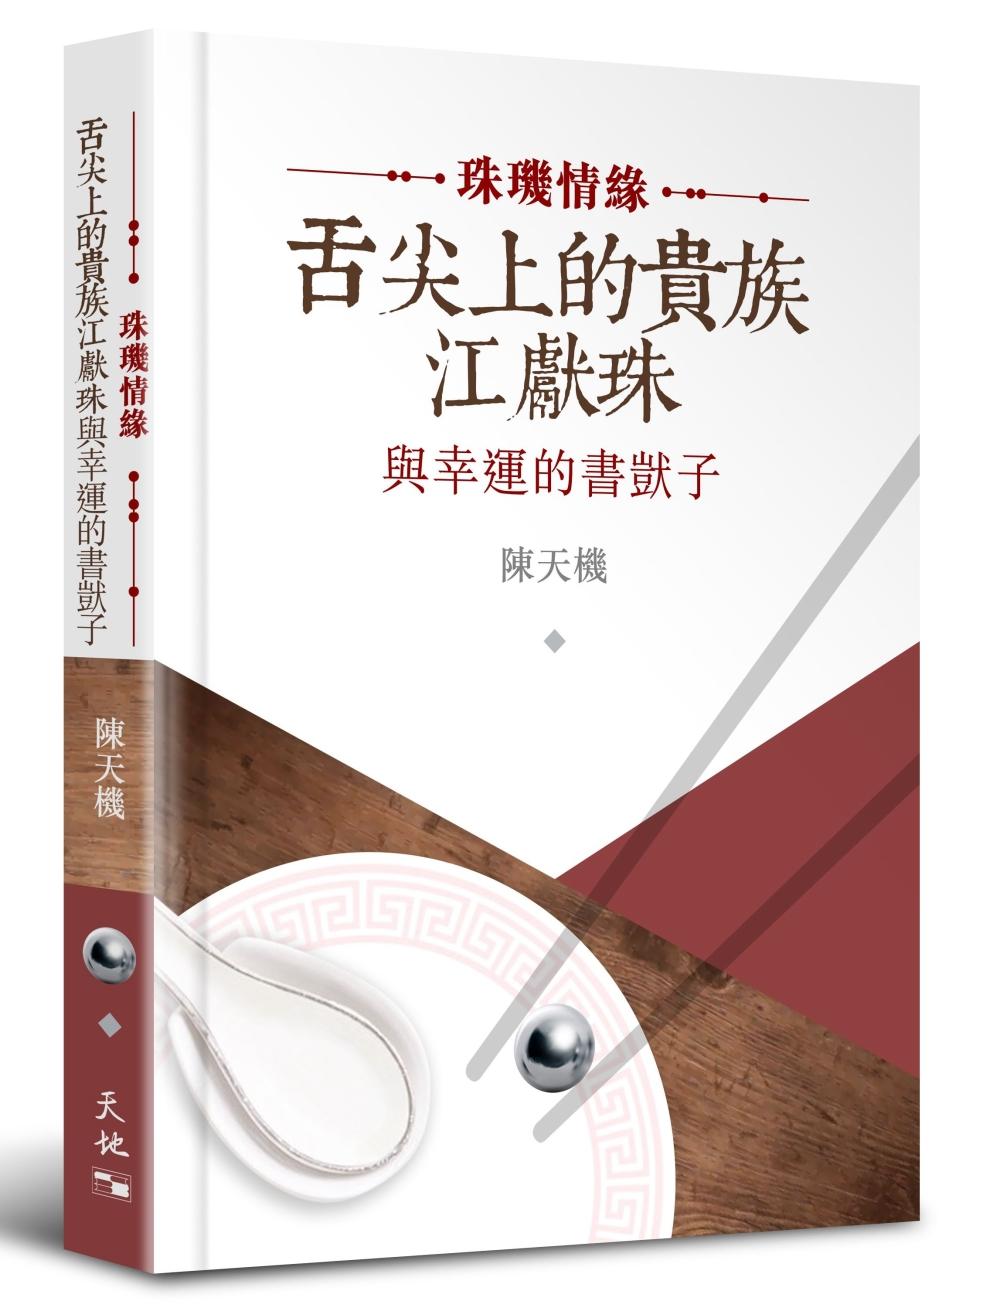 珠璣情緣:舌尖上的貴族江獻珠與幸運的書獃子